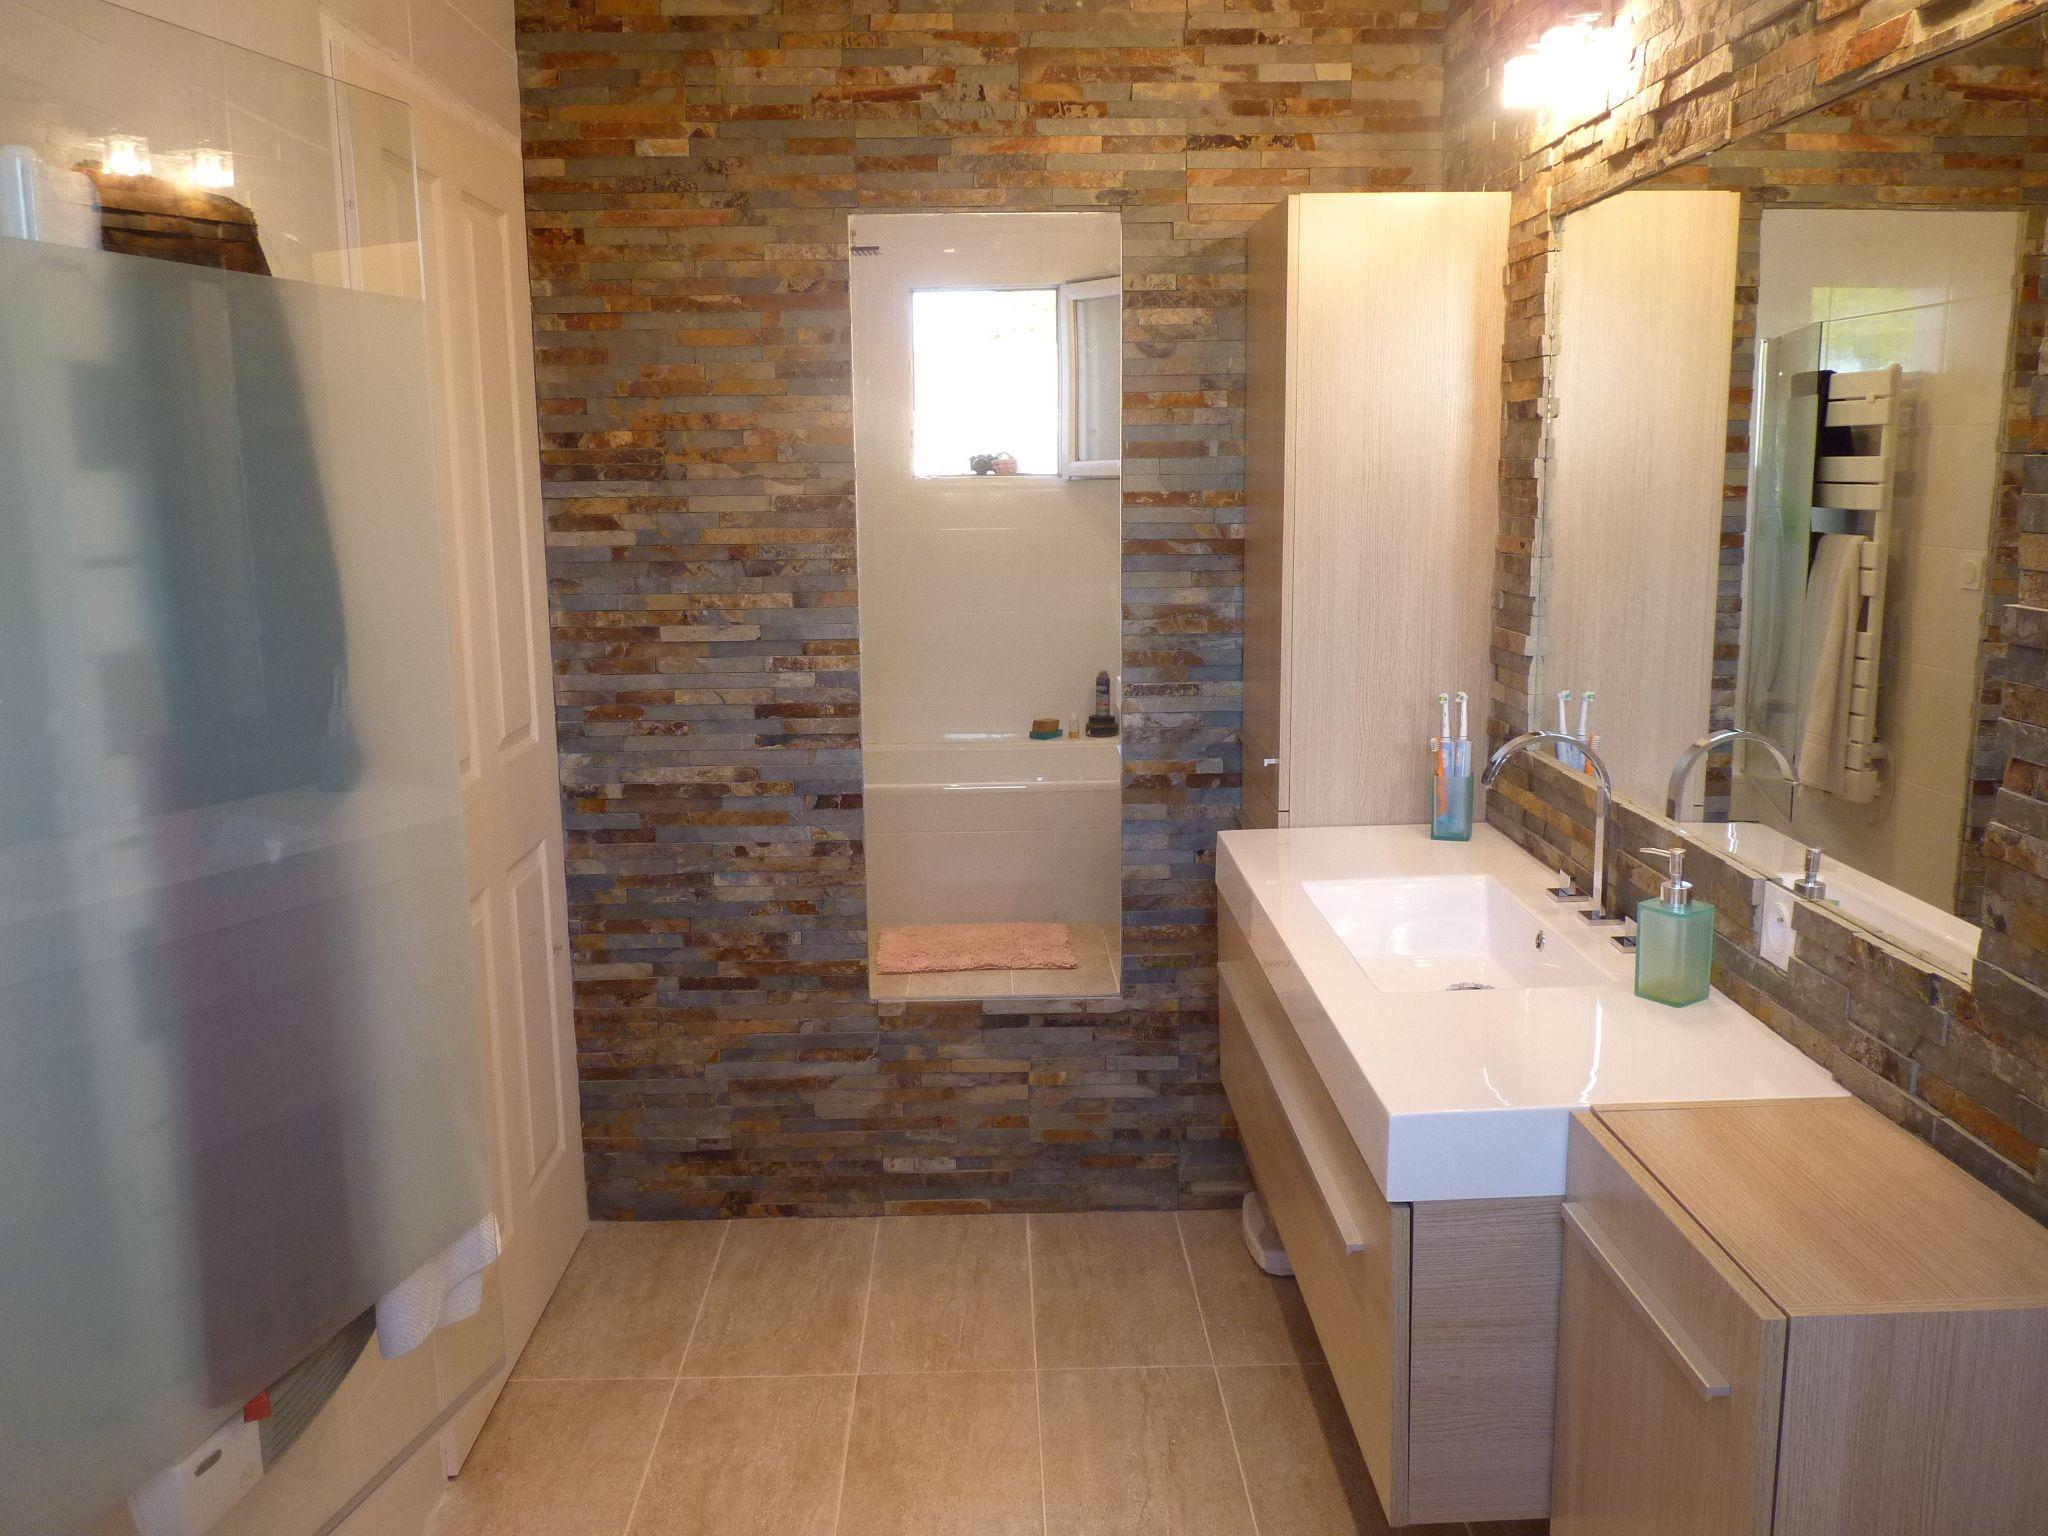 Salle de bain - Parement pierre façon briques - meubles suspendus ...